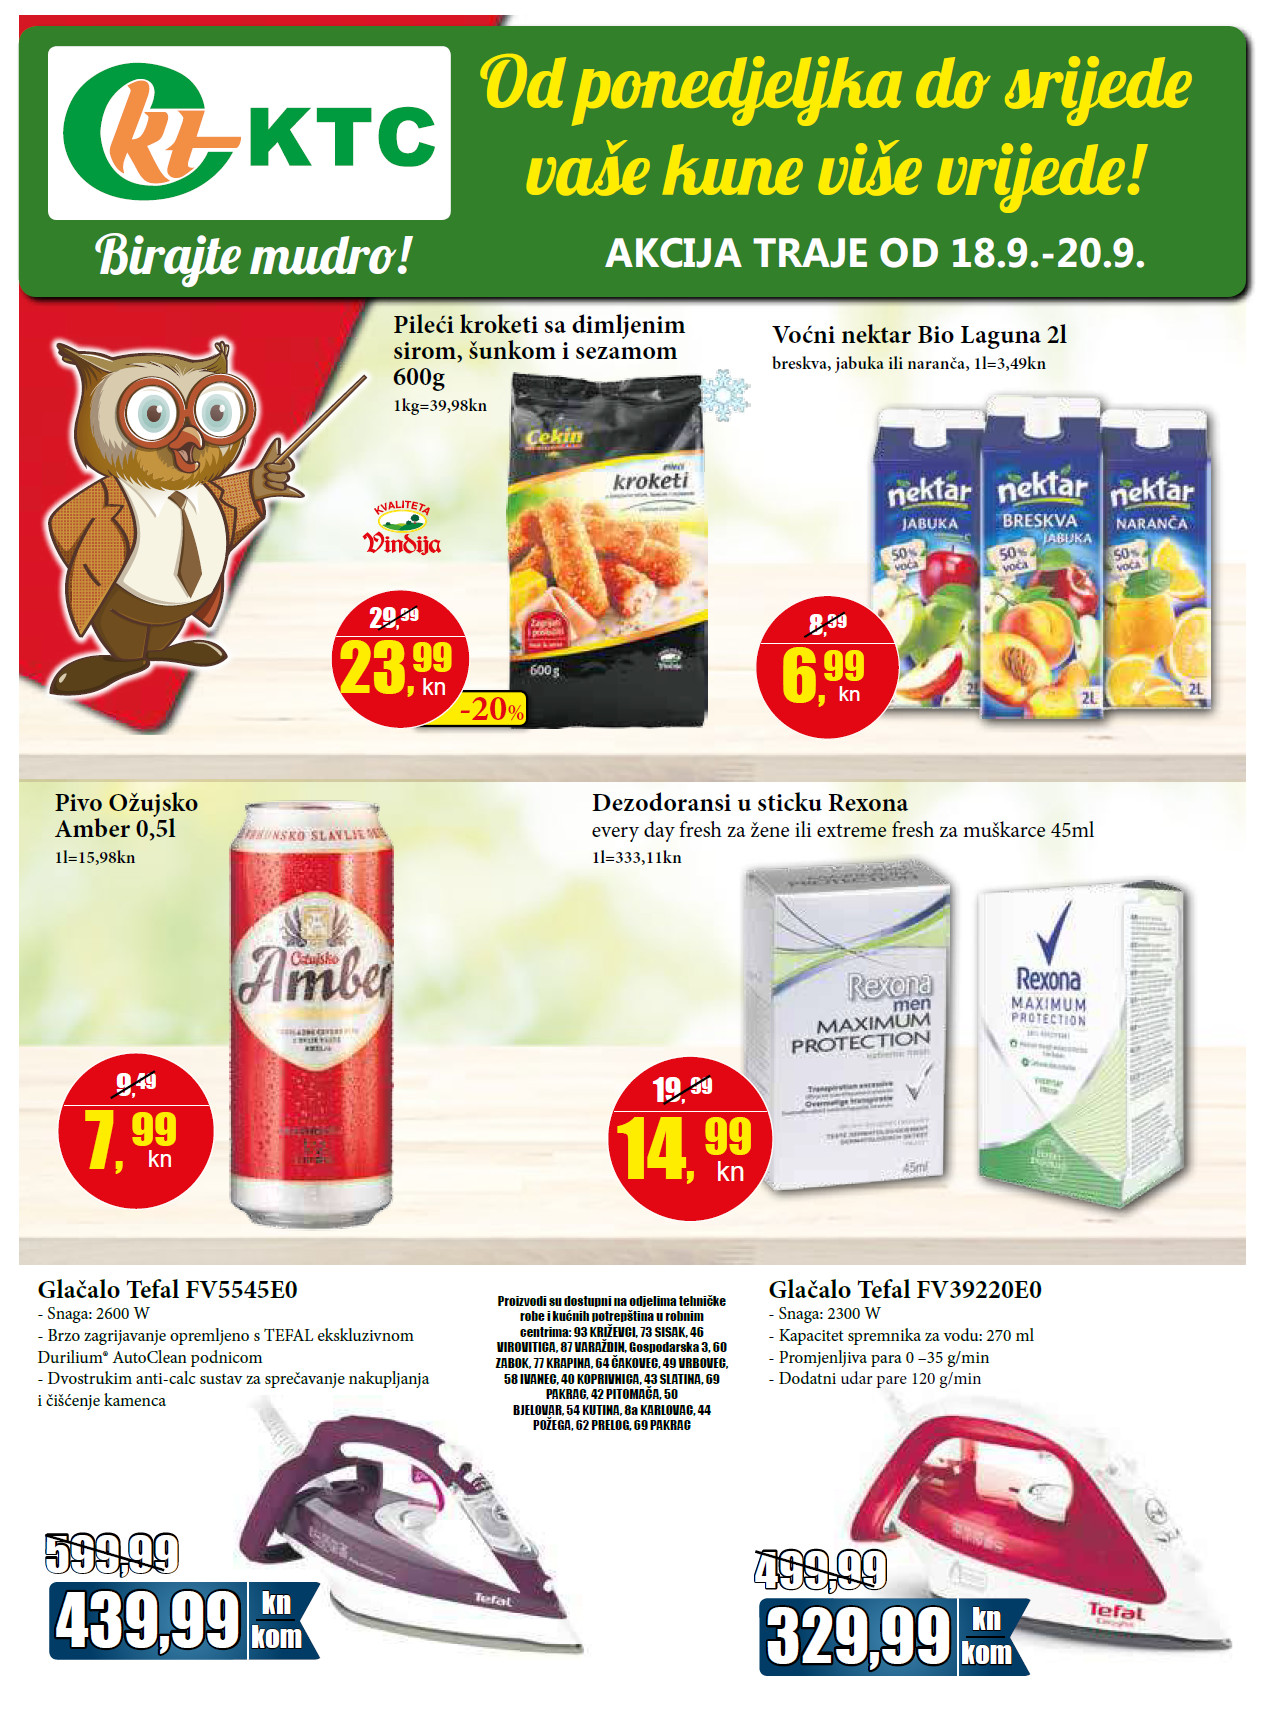 Od ponedeljka do srijede vaše kune više vrijede!  Top ponuda za početak tjedna od 18.- 20.09.2017. u KTC supermarketima.